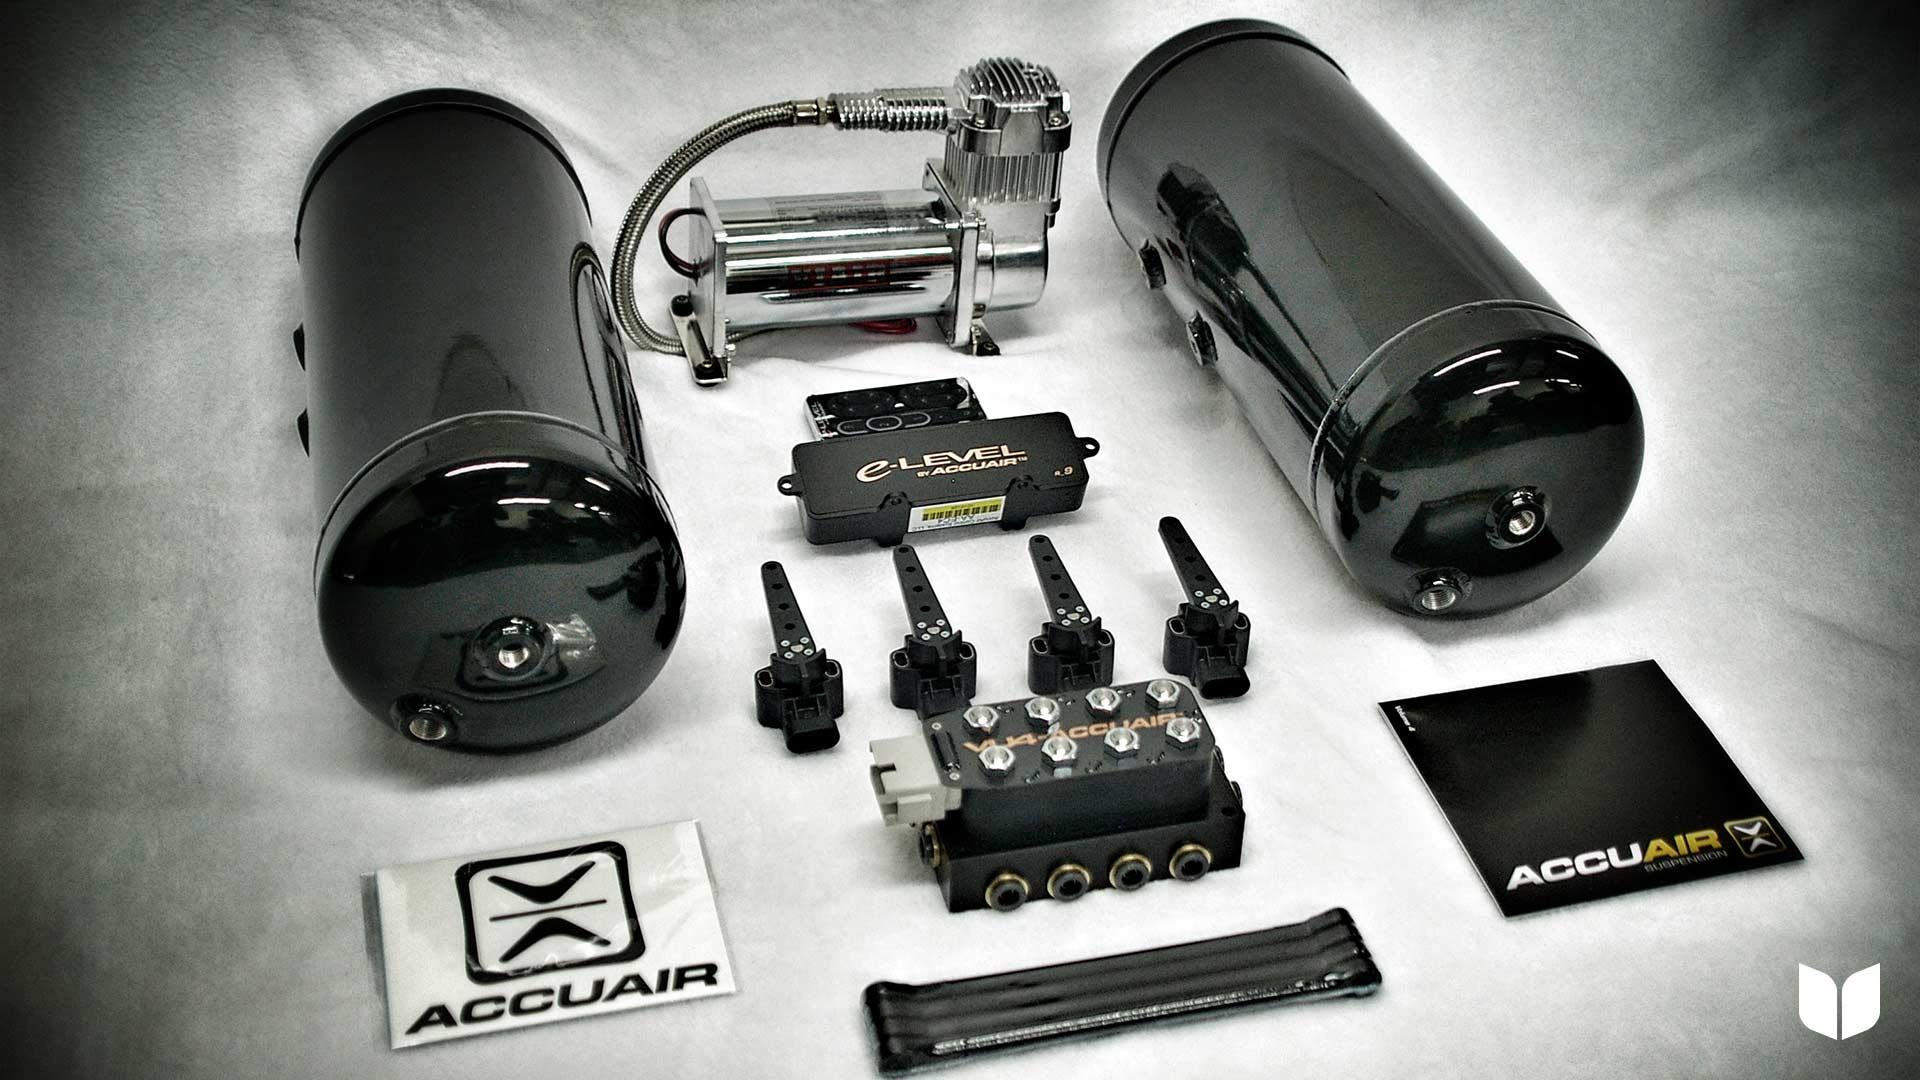 AccuAir Air Management Kit